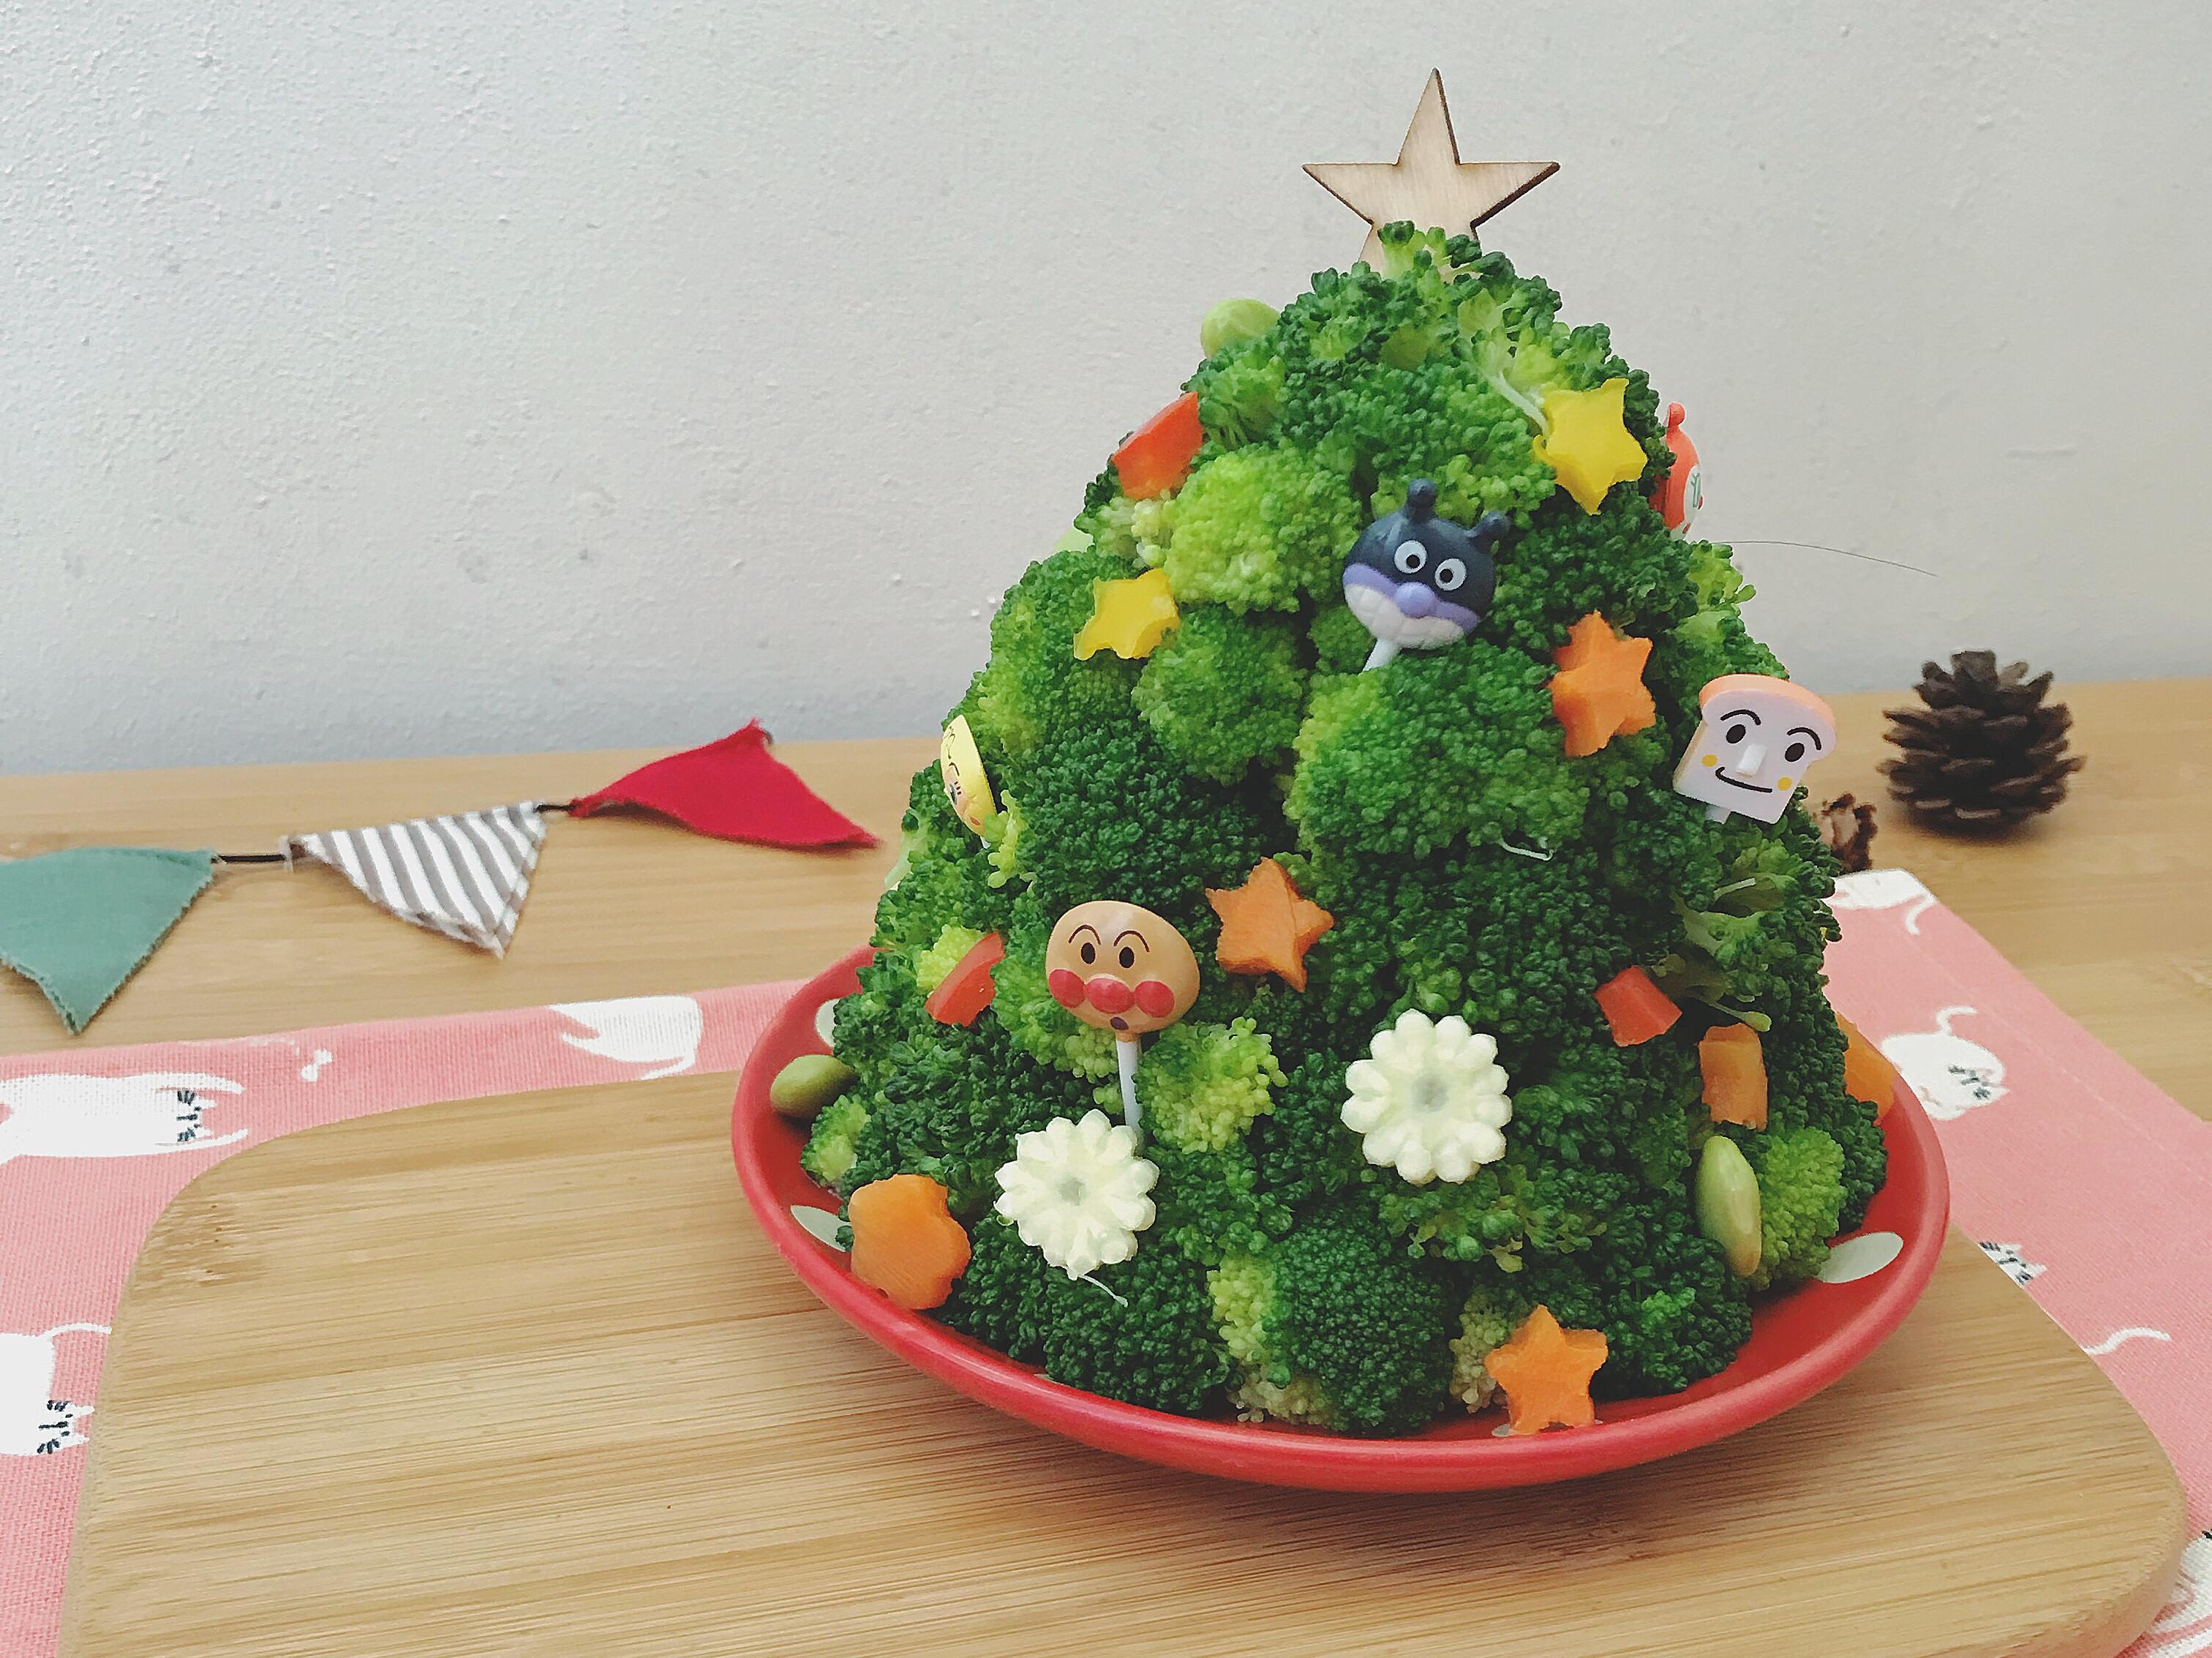 花椰菜 聖誕樹